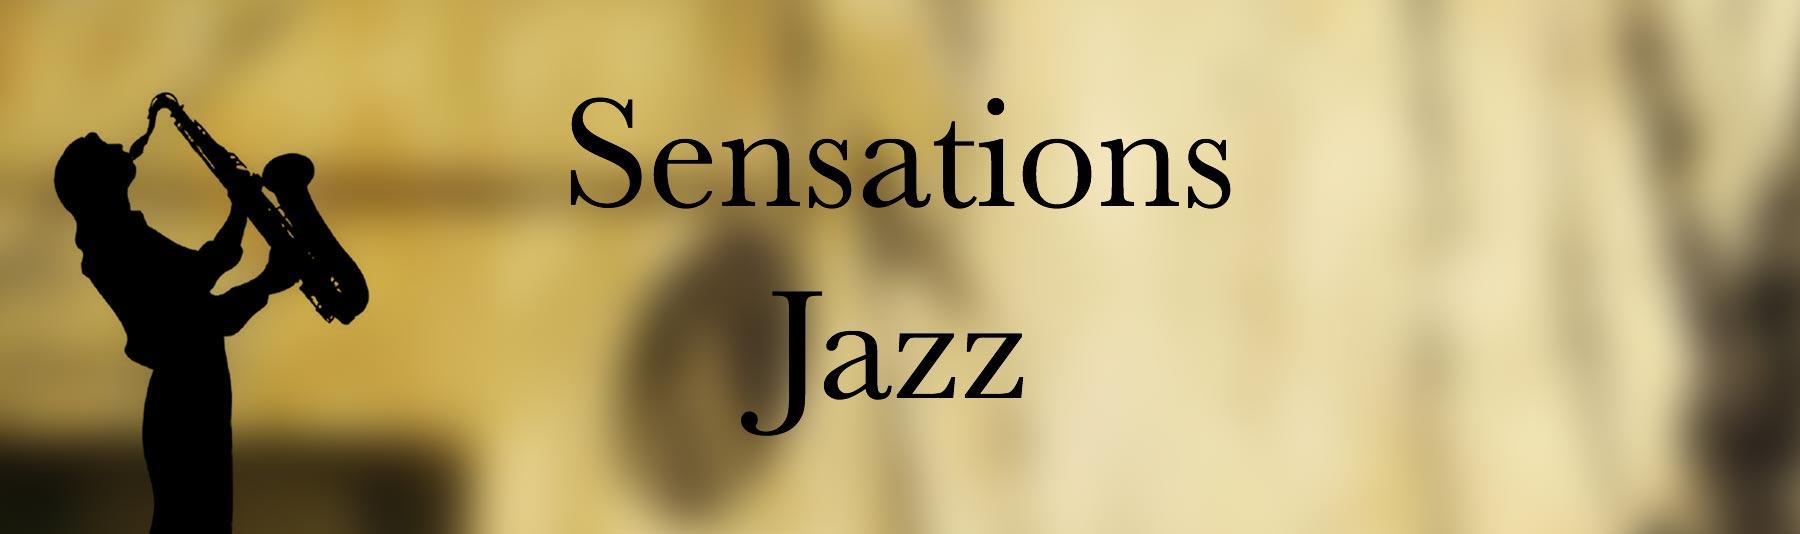 Sensations Jazz